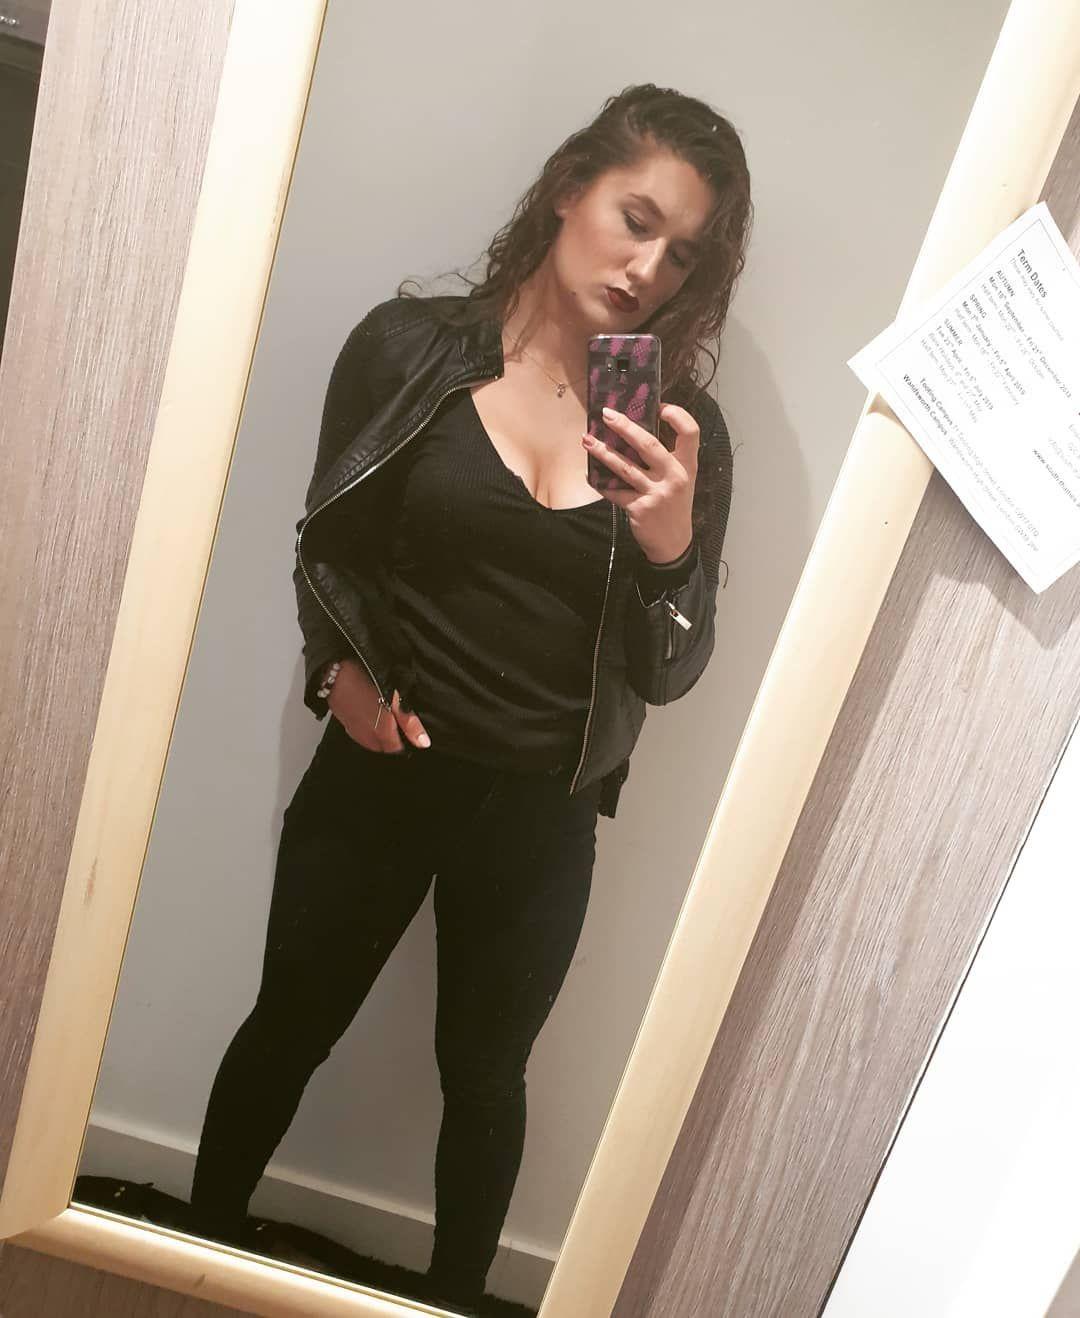 Black mamba 🖤💣 #fashion #stylish #style #polishgirl #polskadziewczyna #fitnessgirl #fitness #wear #b...